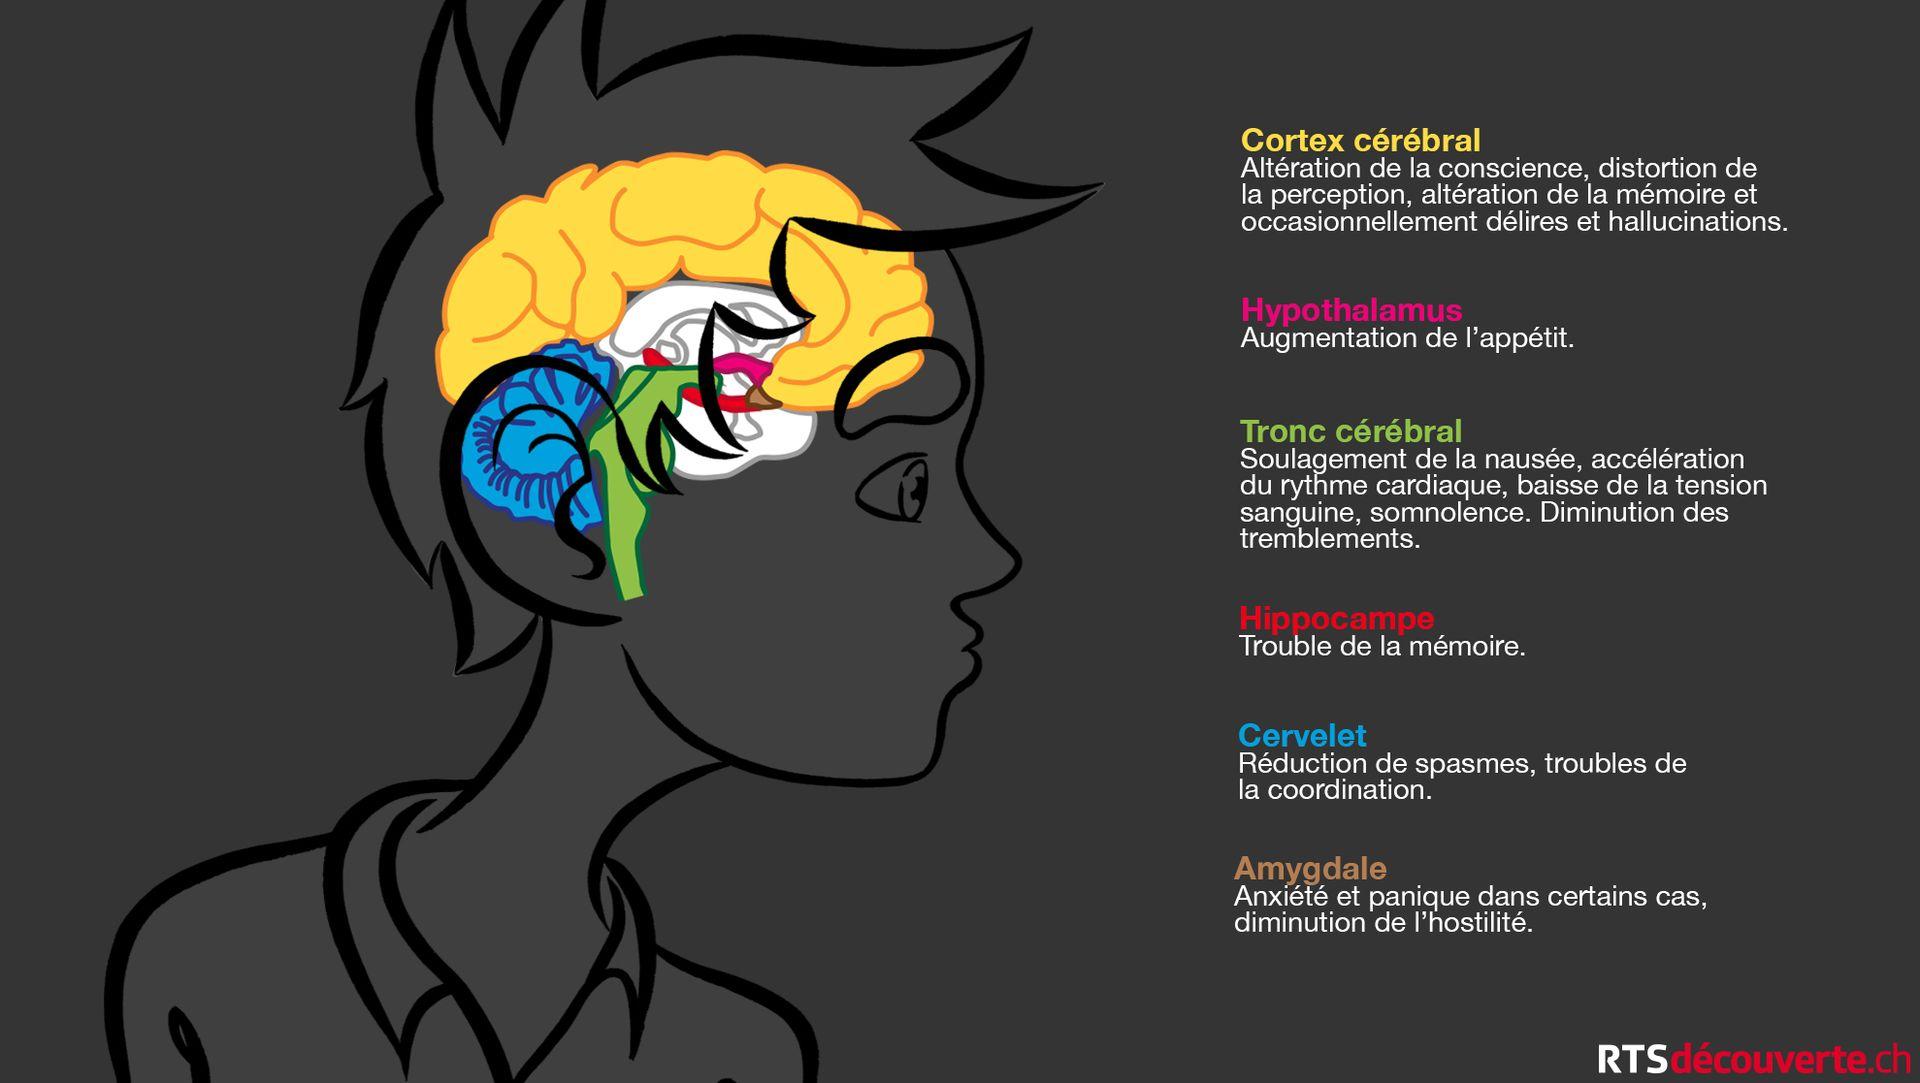 Le THC, molécule psychotrope du cannabis, se fixe à des récepteurs cannabinoïdes de l'organisme situés notamment dans le cerveau. [Thierry Vilbert - RTS Découverte]